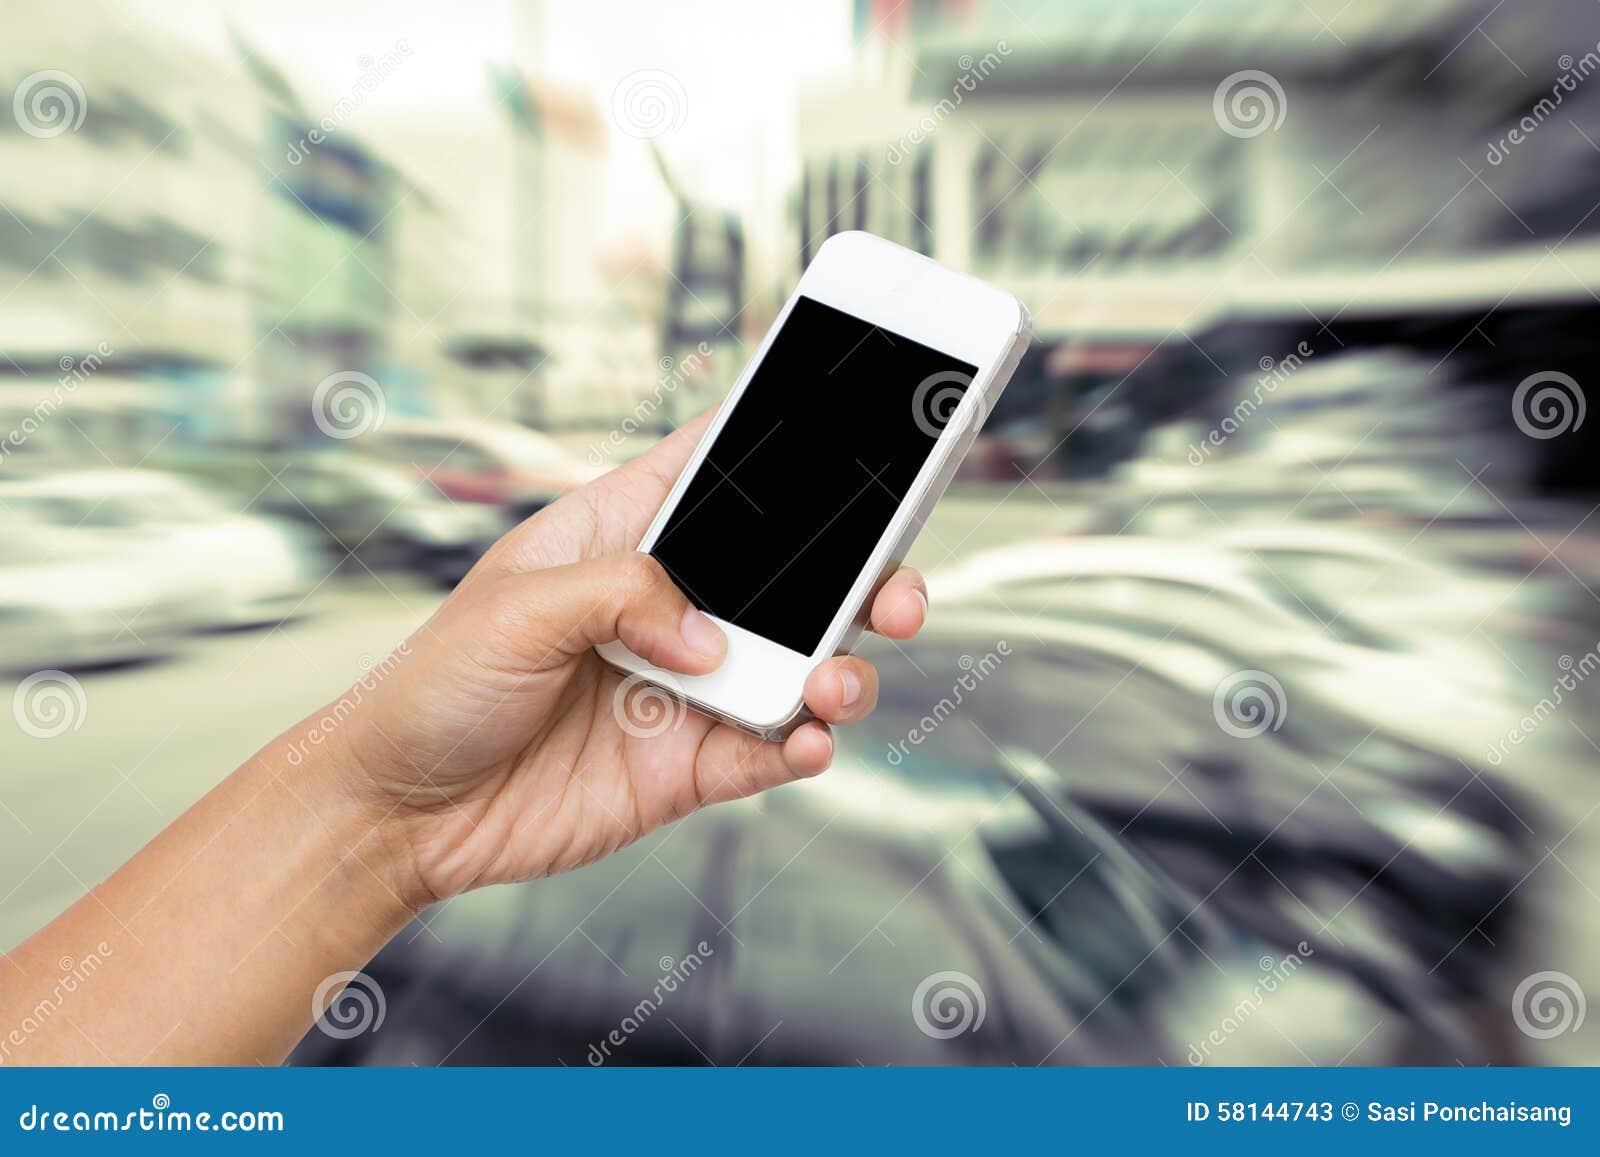 De greep slimme telefoon van de vrouwenhand, tablet, cellphone op onduidelijk beeldmotie